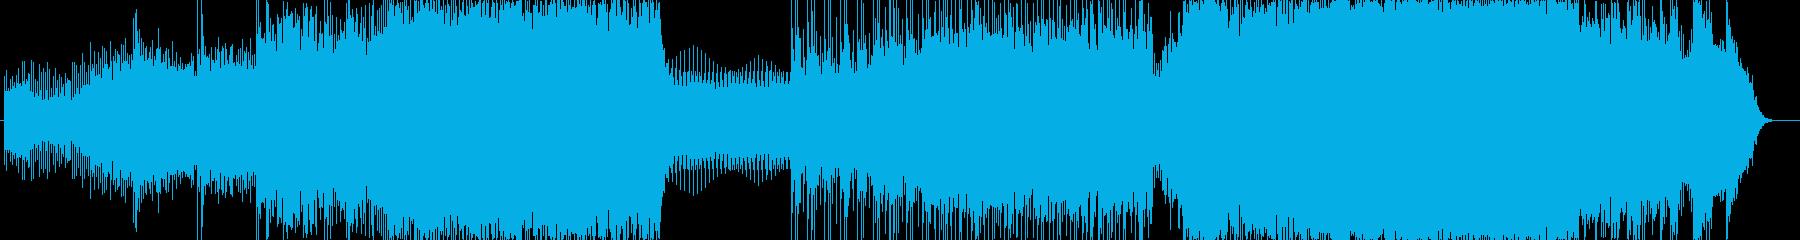 ファンクの再生済みの波形